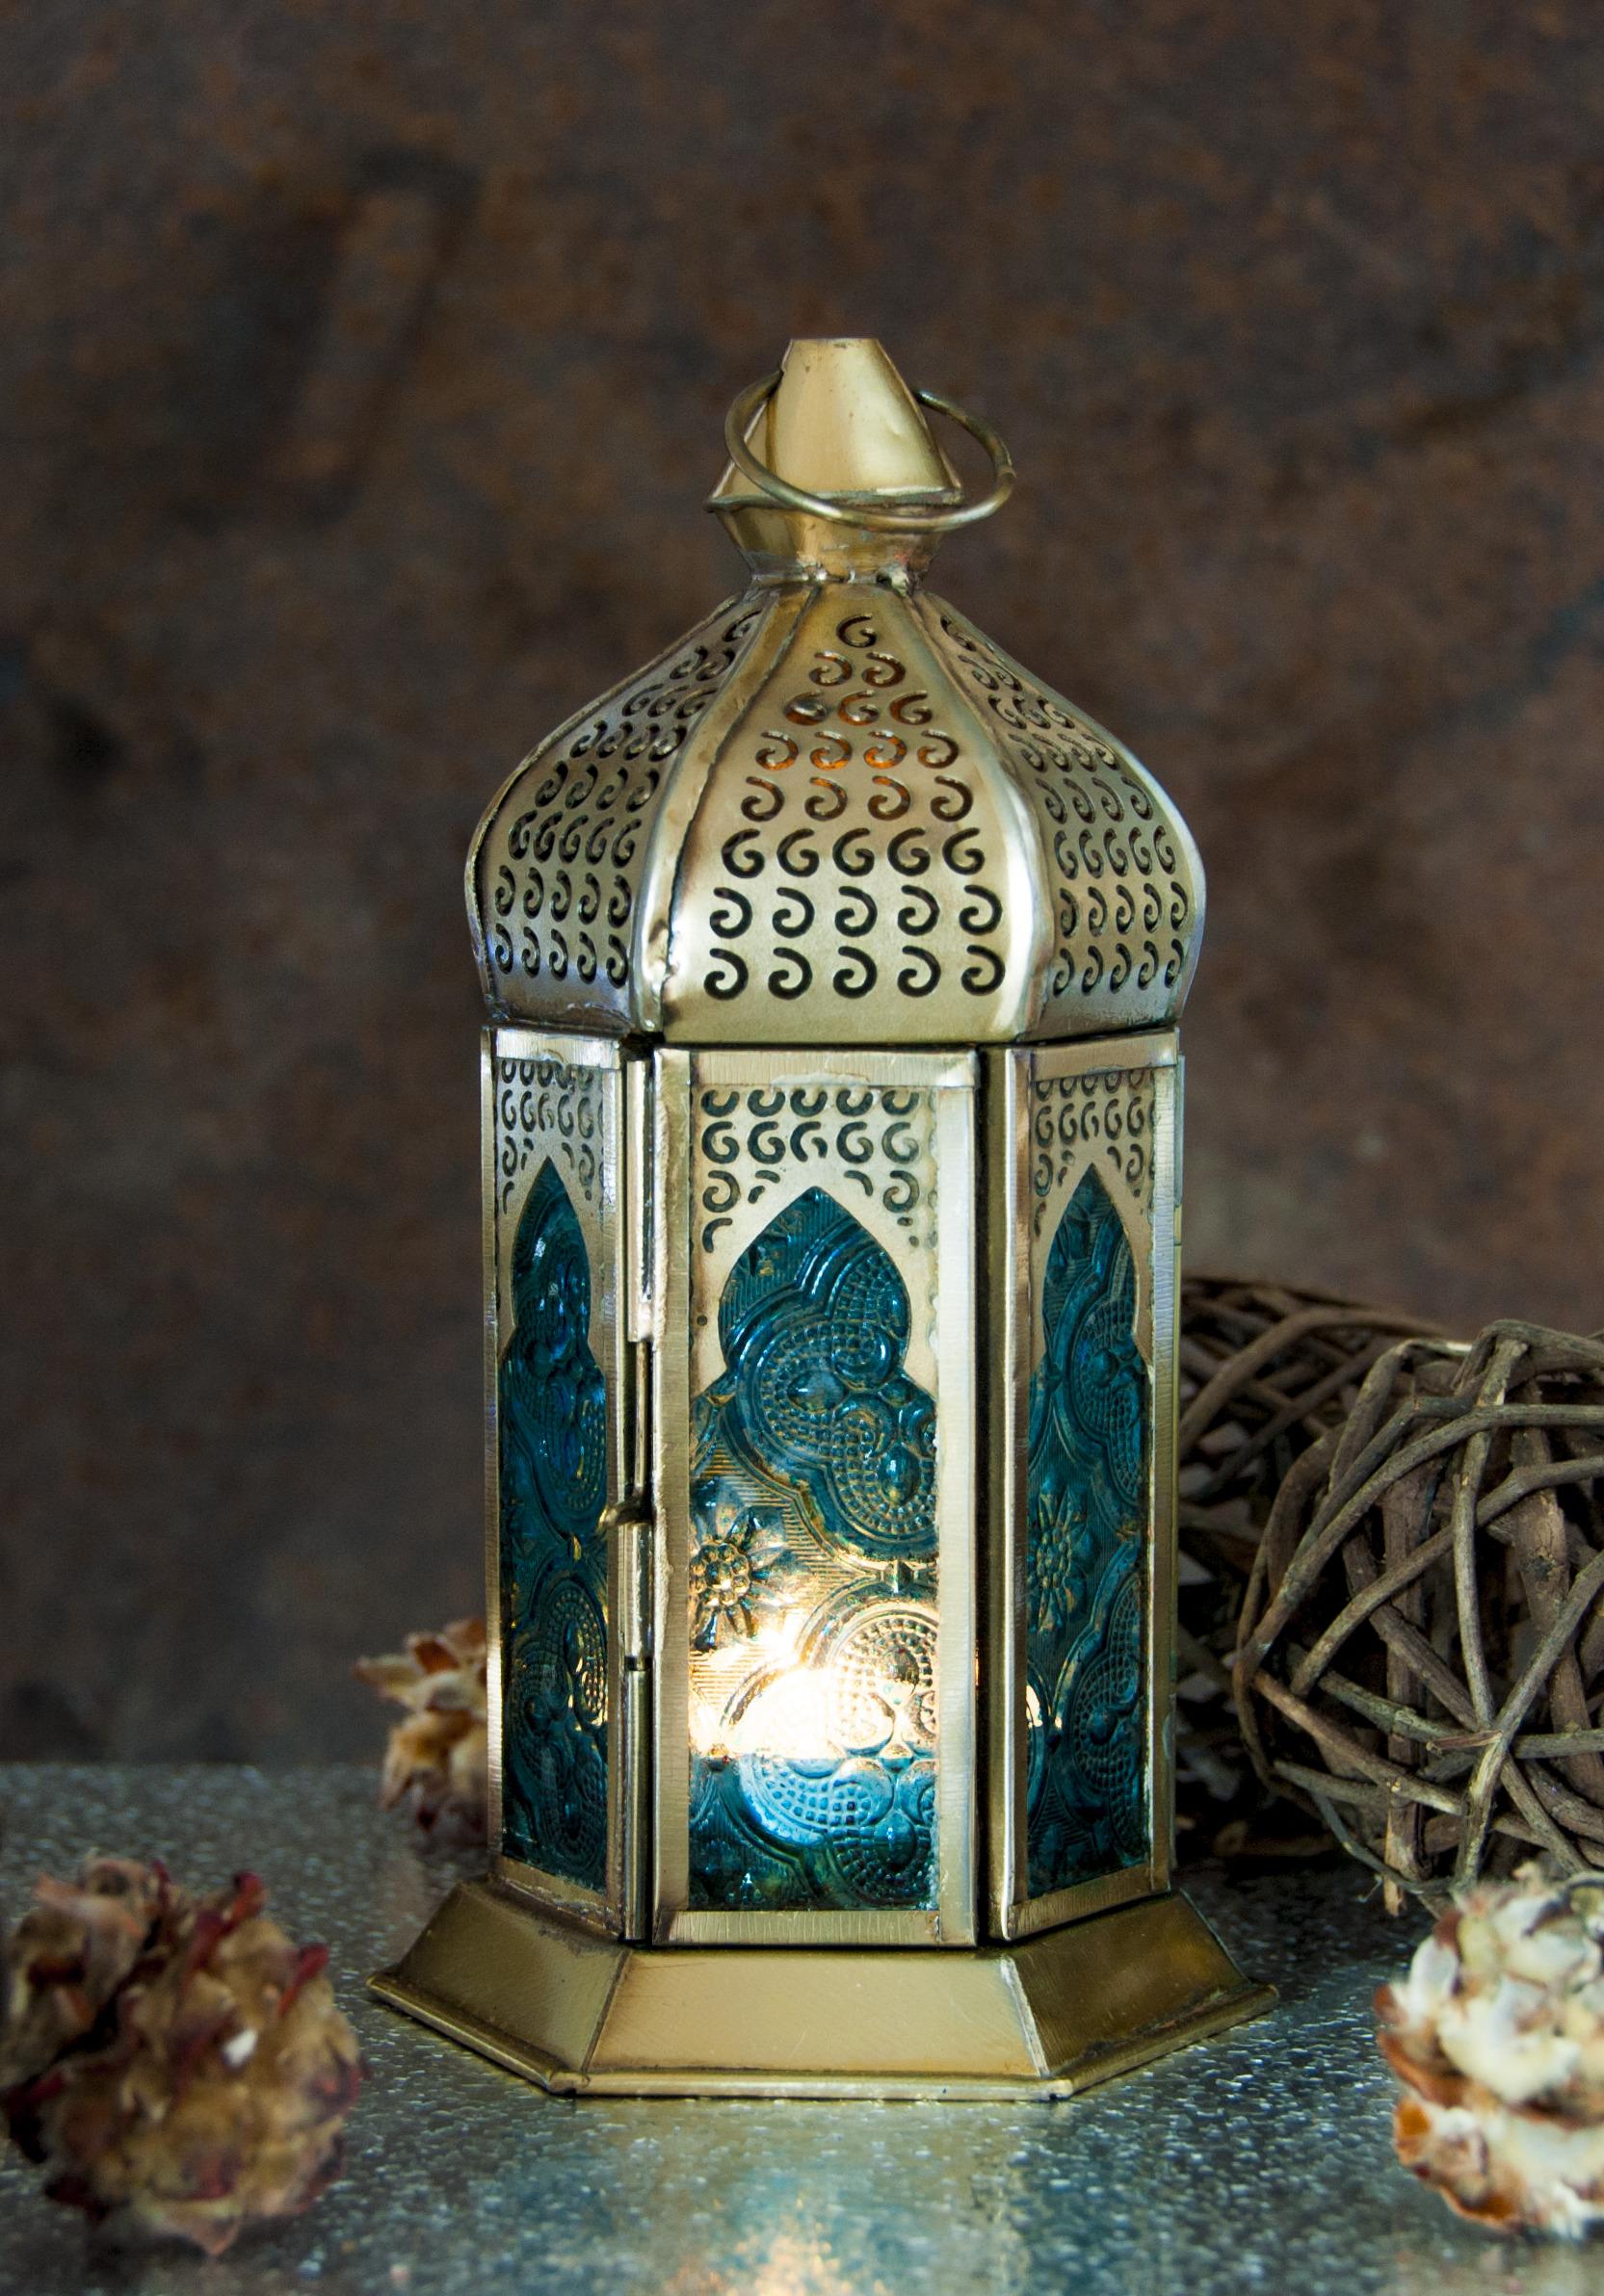 Orientalisches Licht Magischer Moment gefundene Schätze Kreativ-Engel®